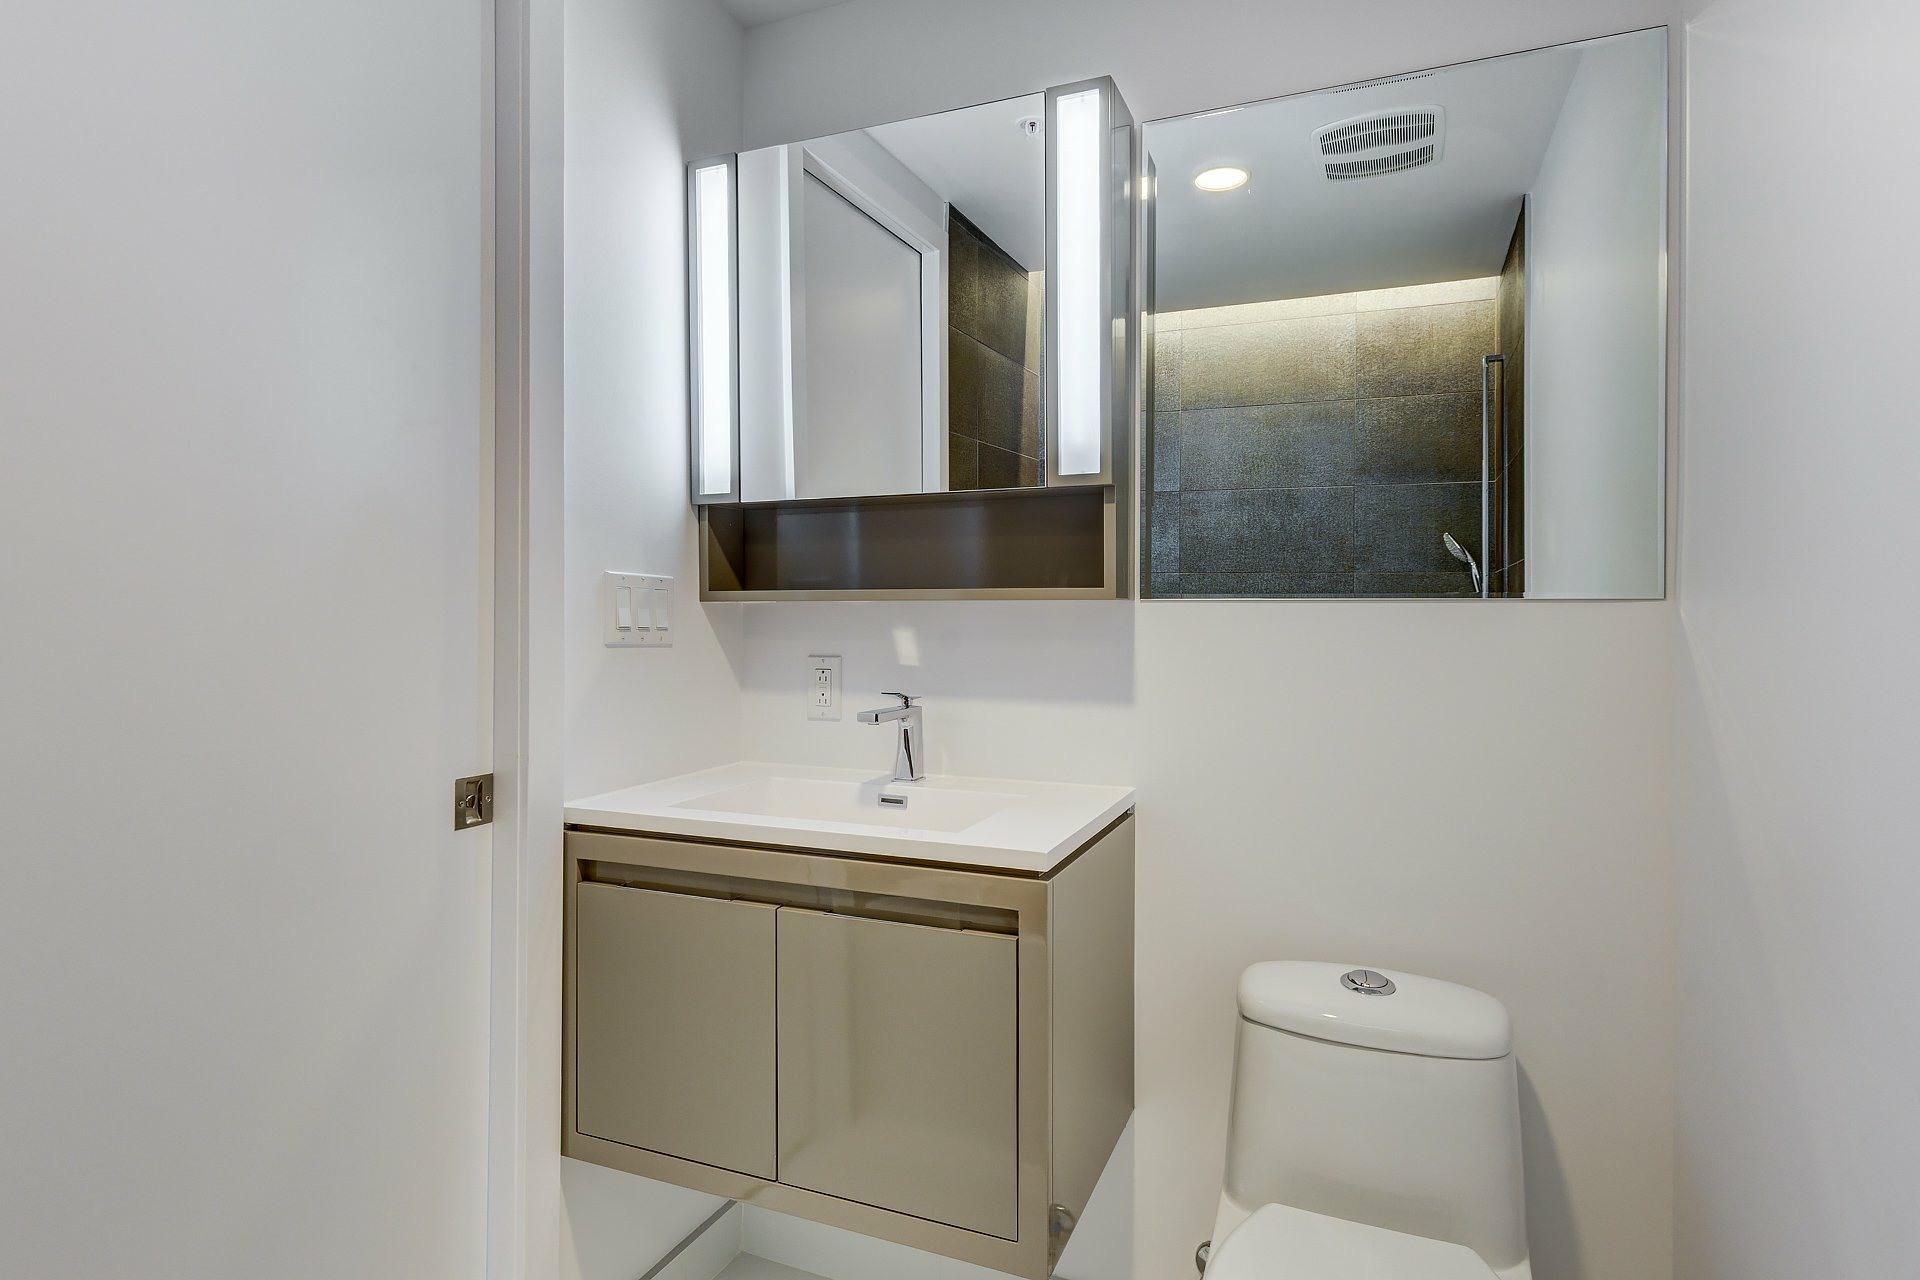 image 6 - Apartment For rent Montréal Ville-Marie  - 4 rooms